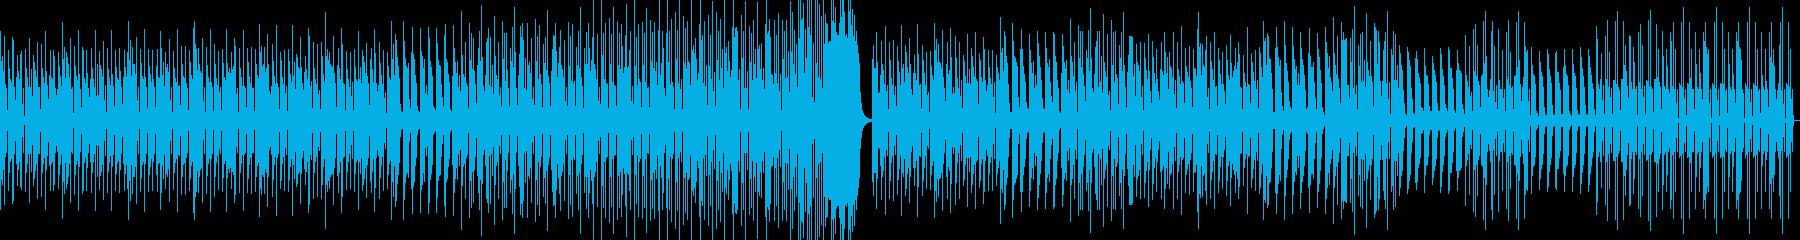 エレクトロ。攻撃。薬。の再生済みの波形